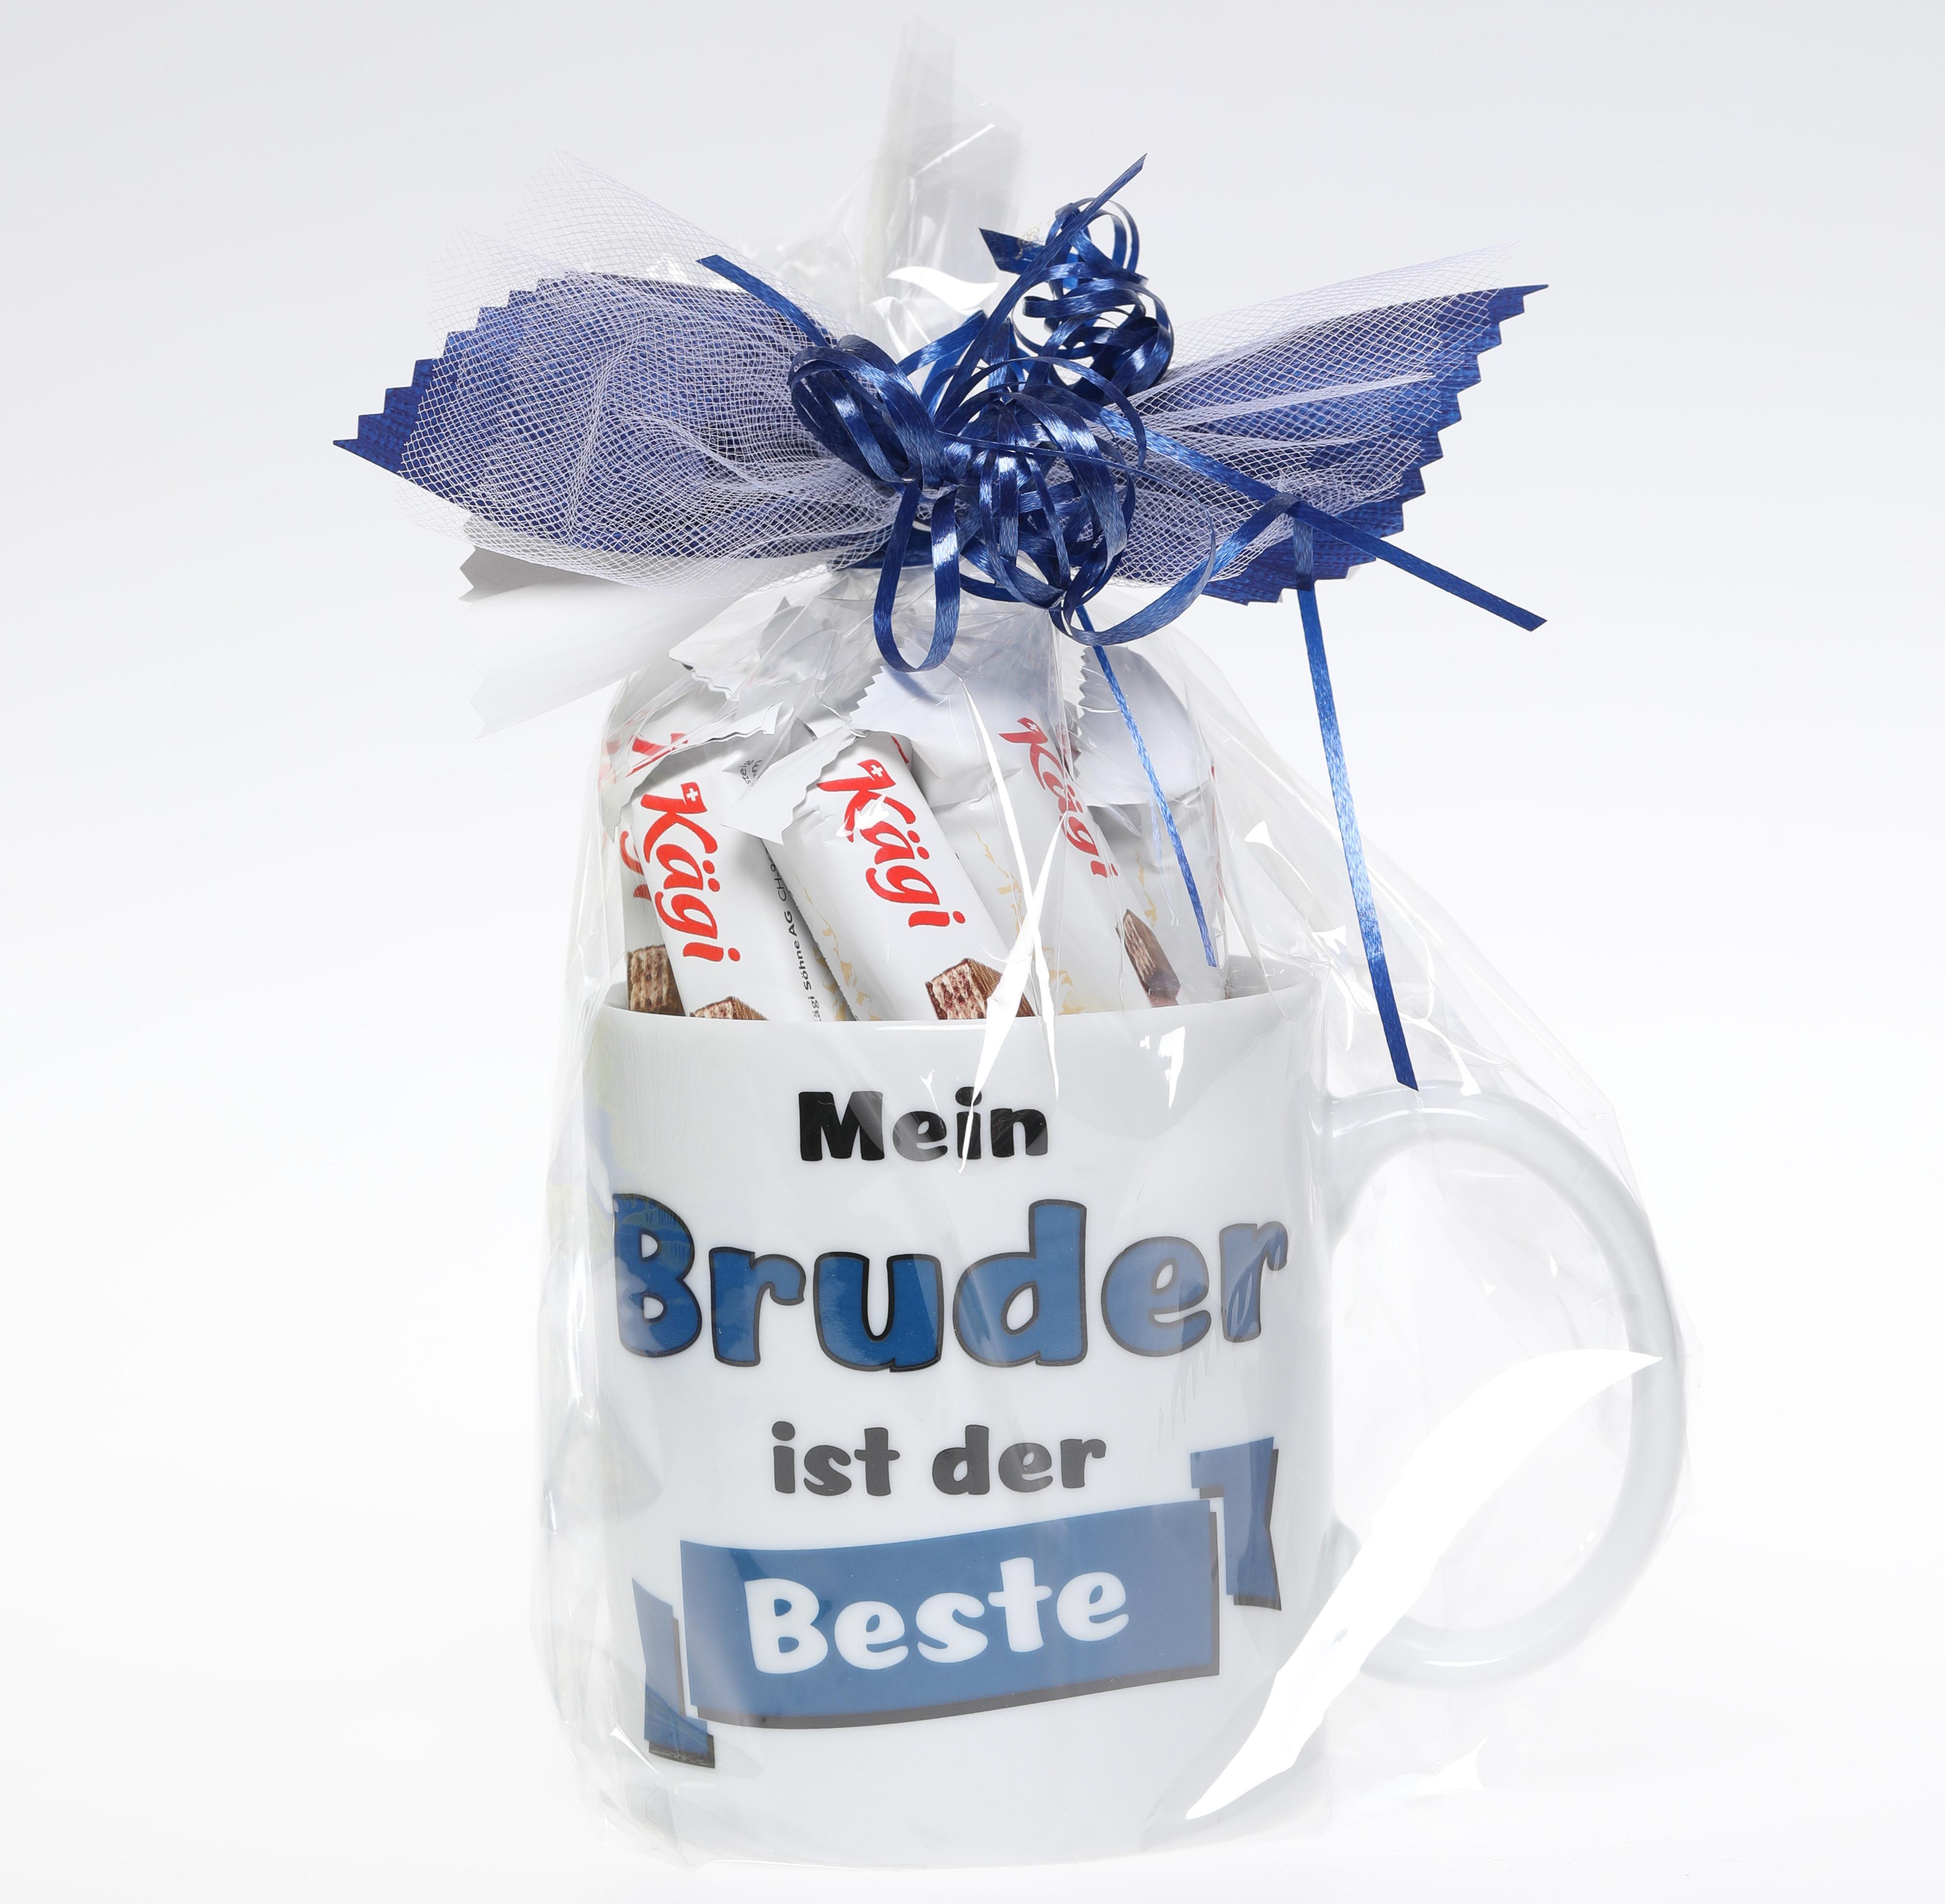 Bruder Tasse - carina-geschenke.ch